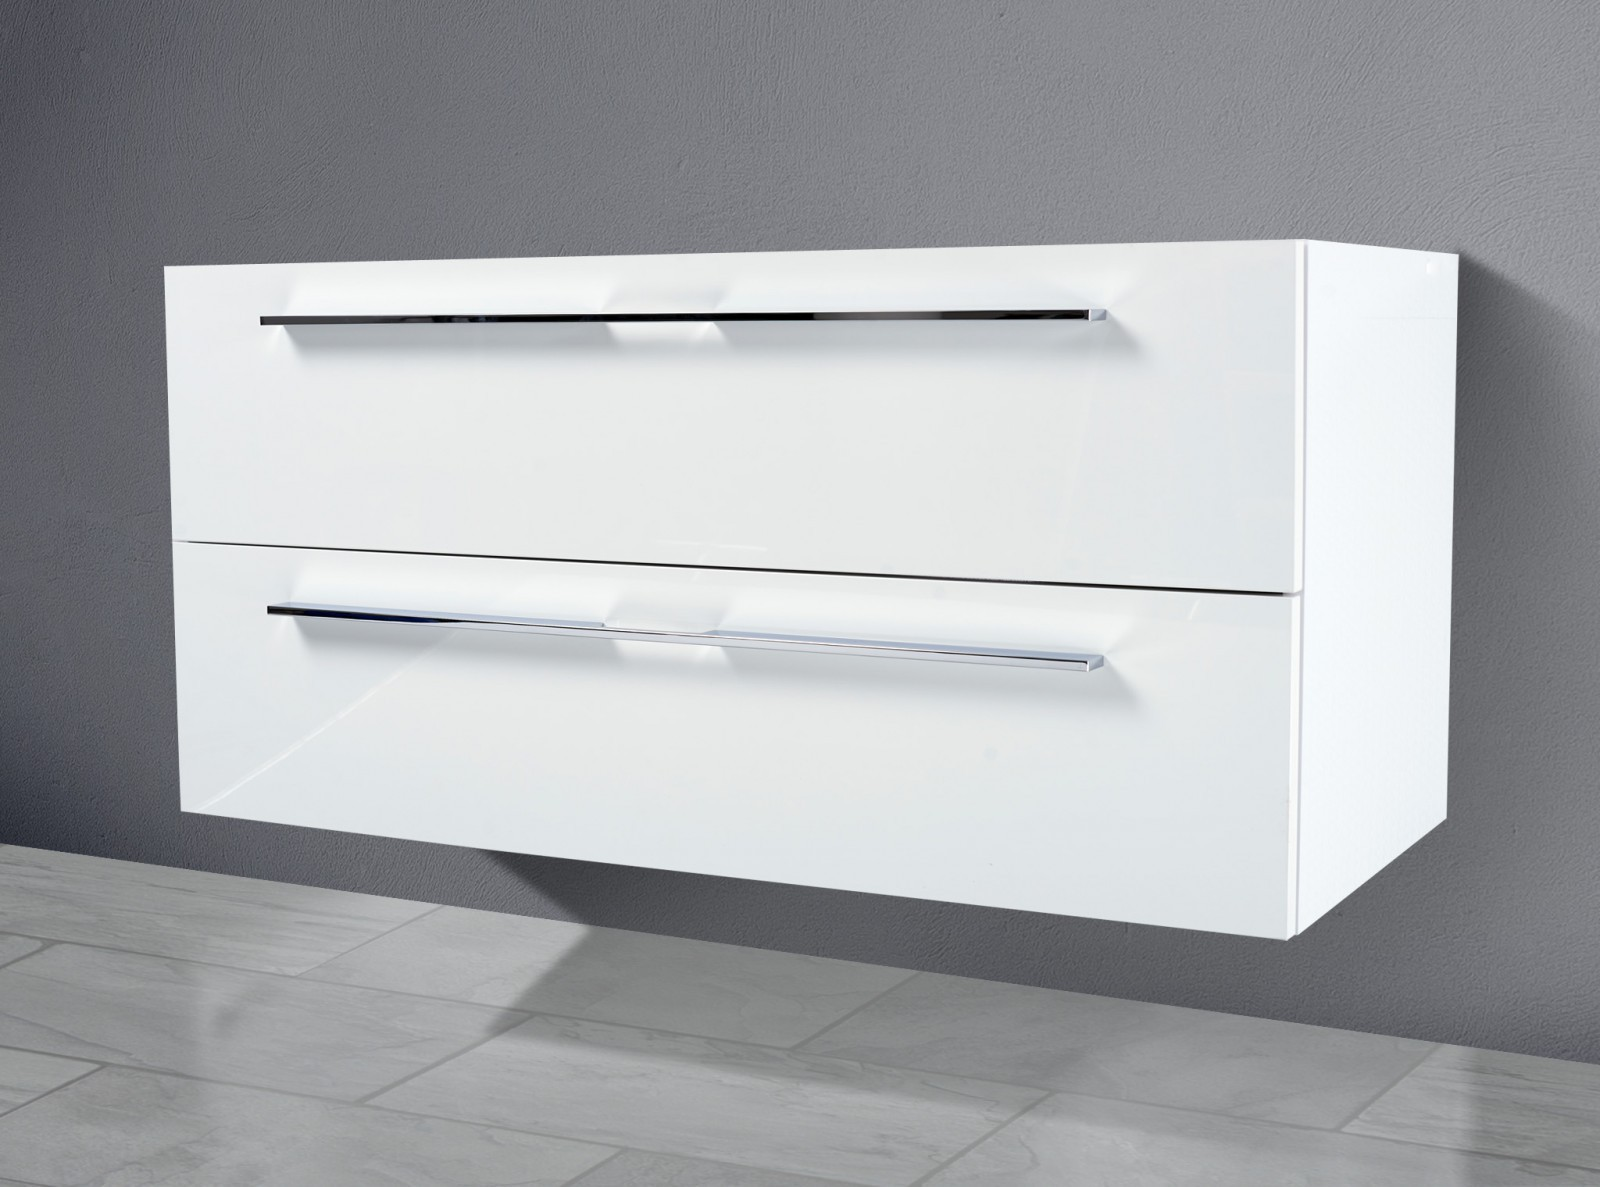 duravit vero 70 cm unterschrank waschbeckenunterschrank. Black Bedroom Furniture Sets. Home Design Ideas